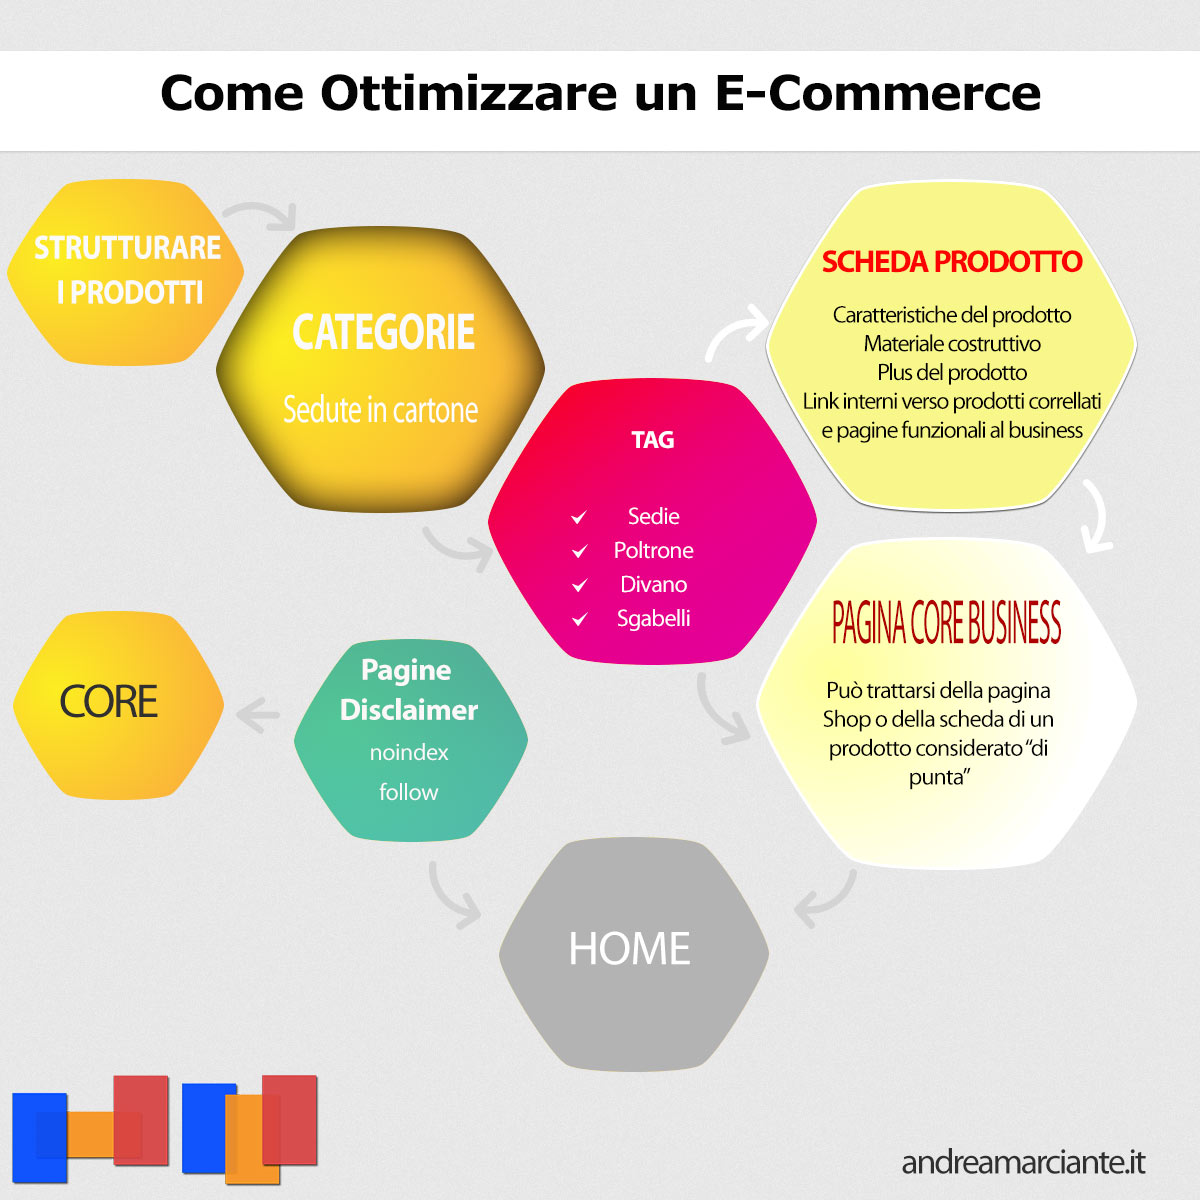 Come ottimizzare un e-commerce